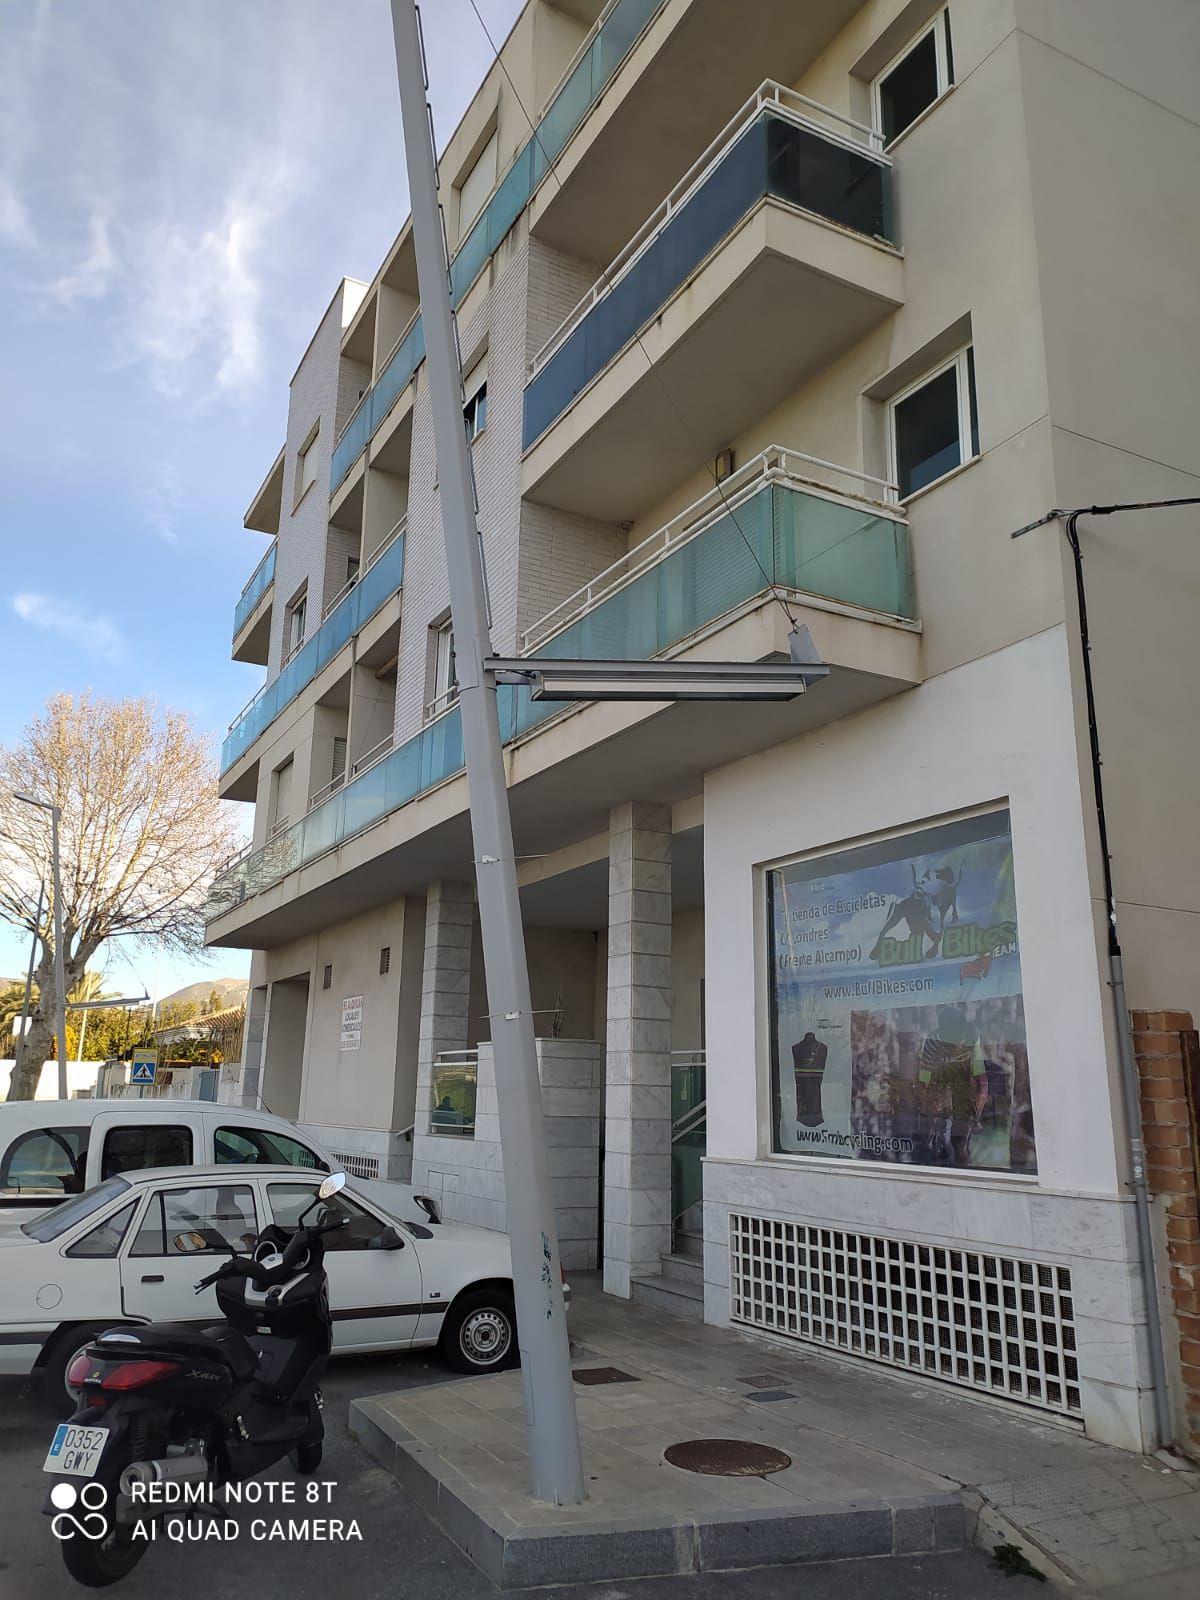 Piso en venta en Motril, Granada, Calle Nuestra Señora de la Cabeza, 78.100 €, 2 habitaciones, 1 baño, 106 m2